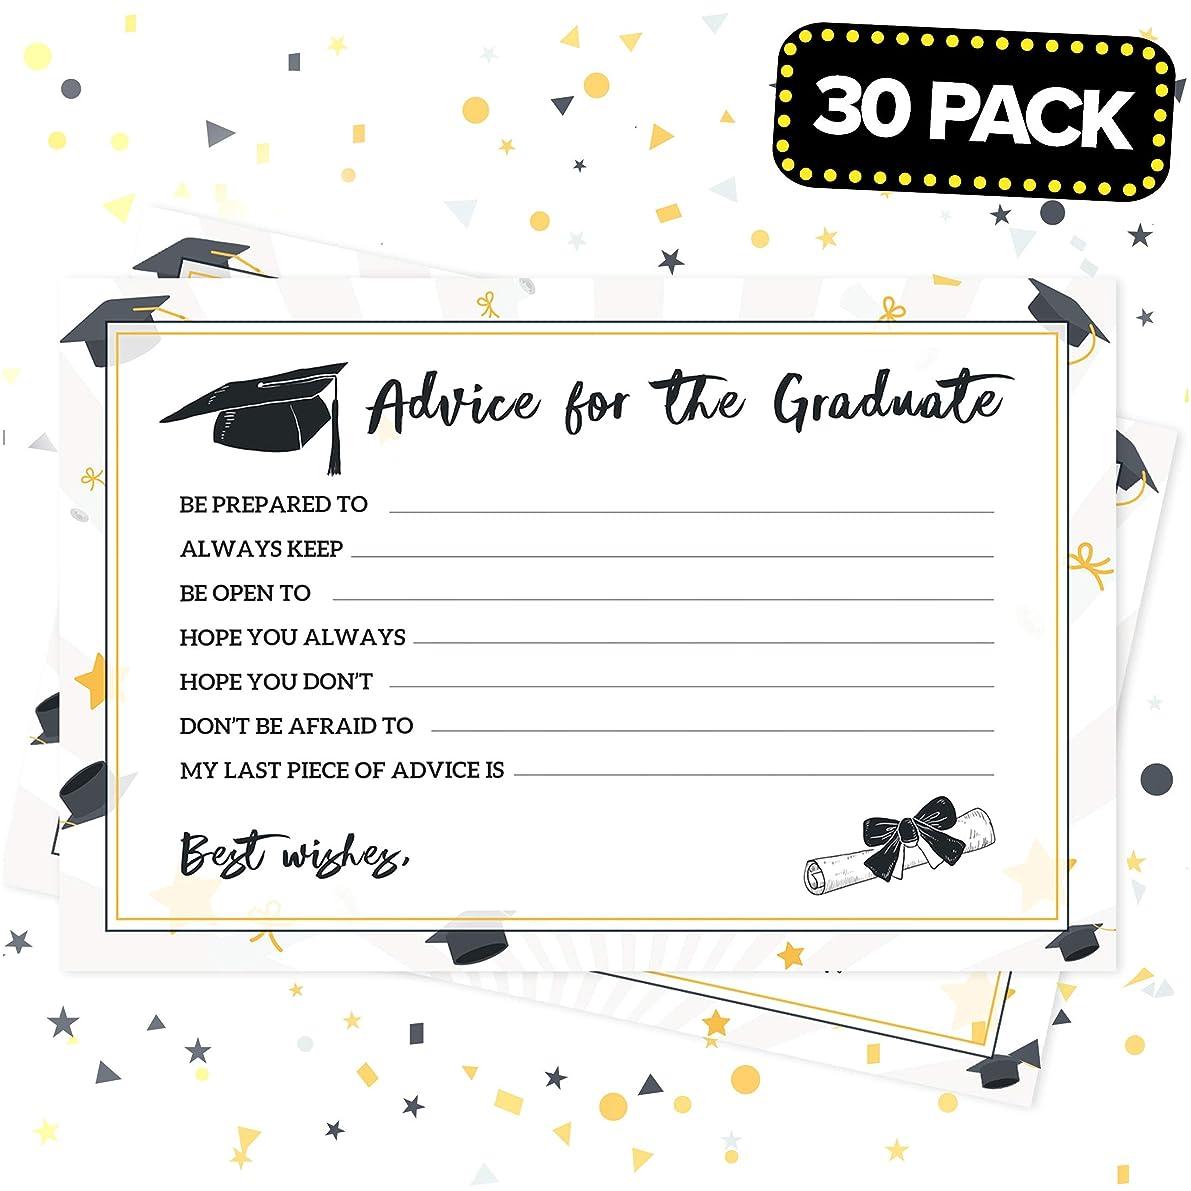 Joyousa Graduation Advice Cards Party Supplies 2019 - 30 Pack - Favors, Graduate Decorations